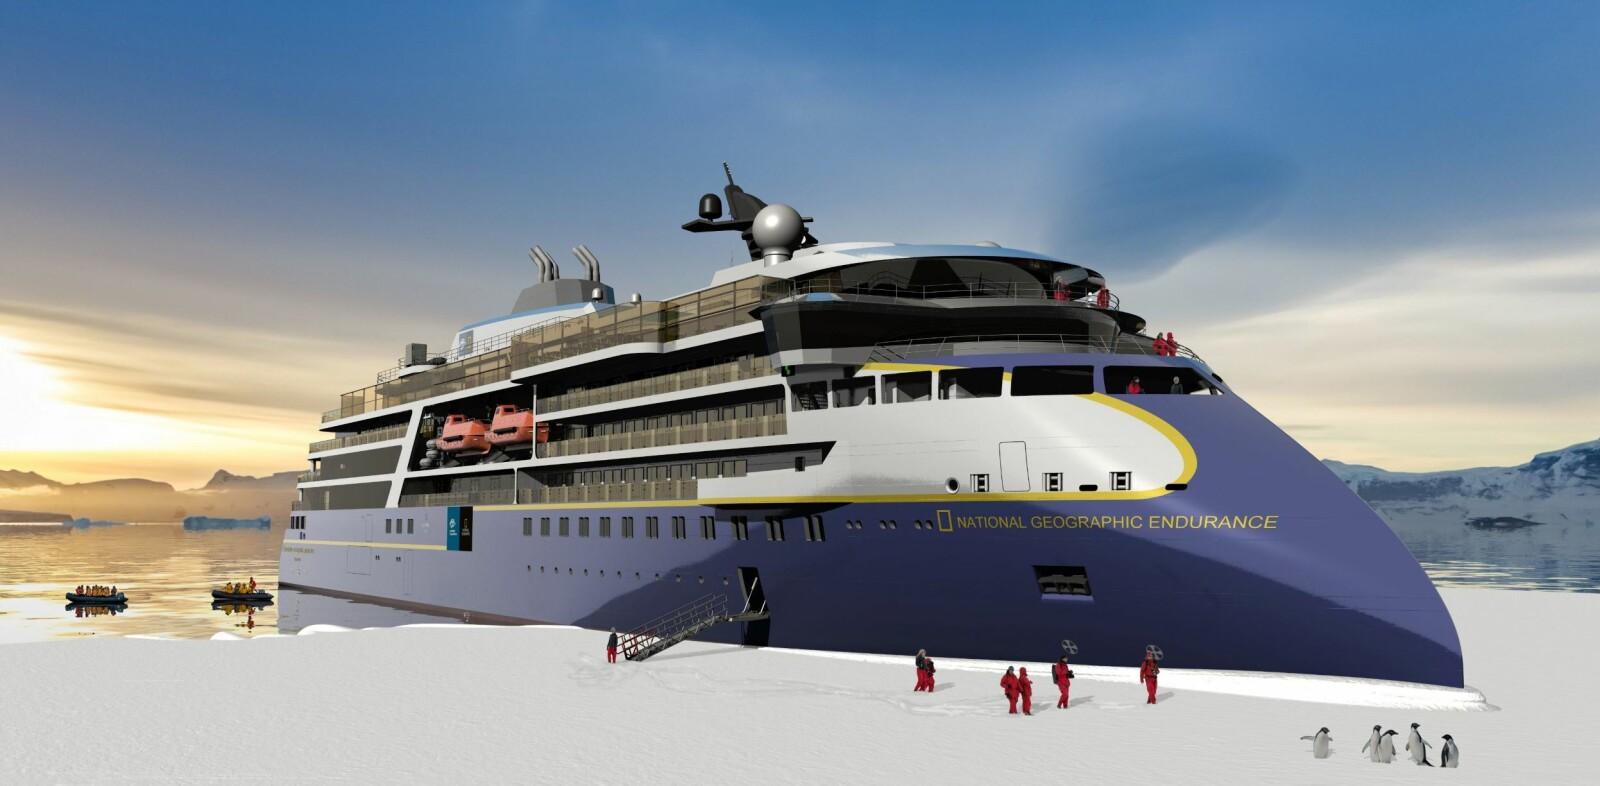 <b><SPAN CLASS=BOLD><STRONG>X-BOW:</b></strong></span> «National Geographic Endurance» skal ferdigstilles hos Ulstein Verft i Ulsteinvik og skal leveres i 2020.